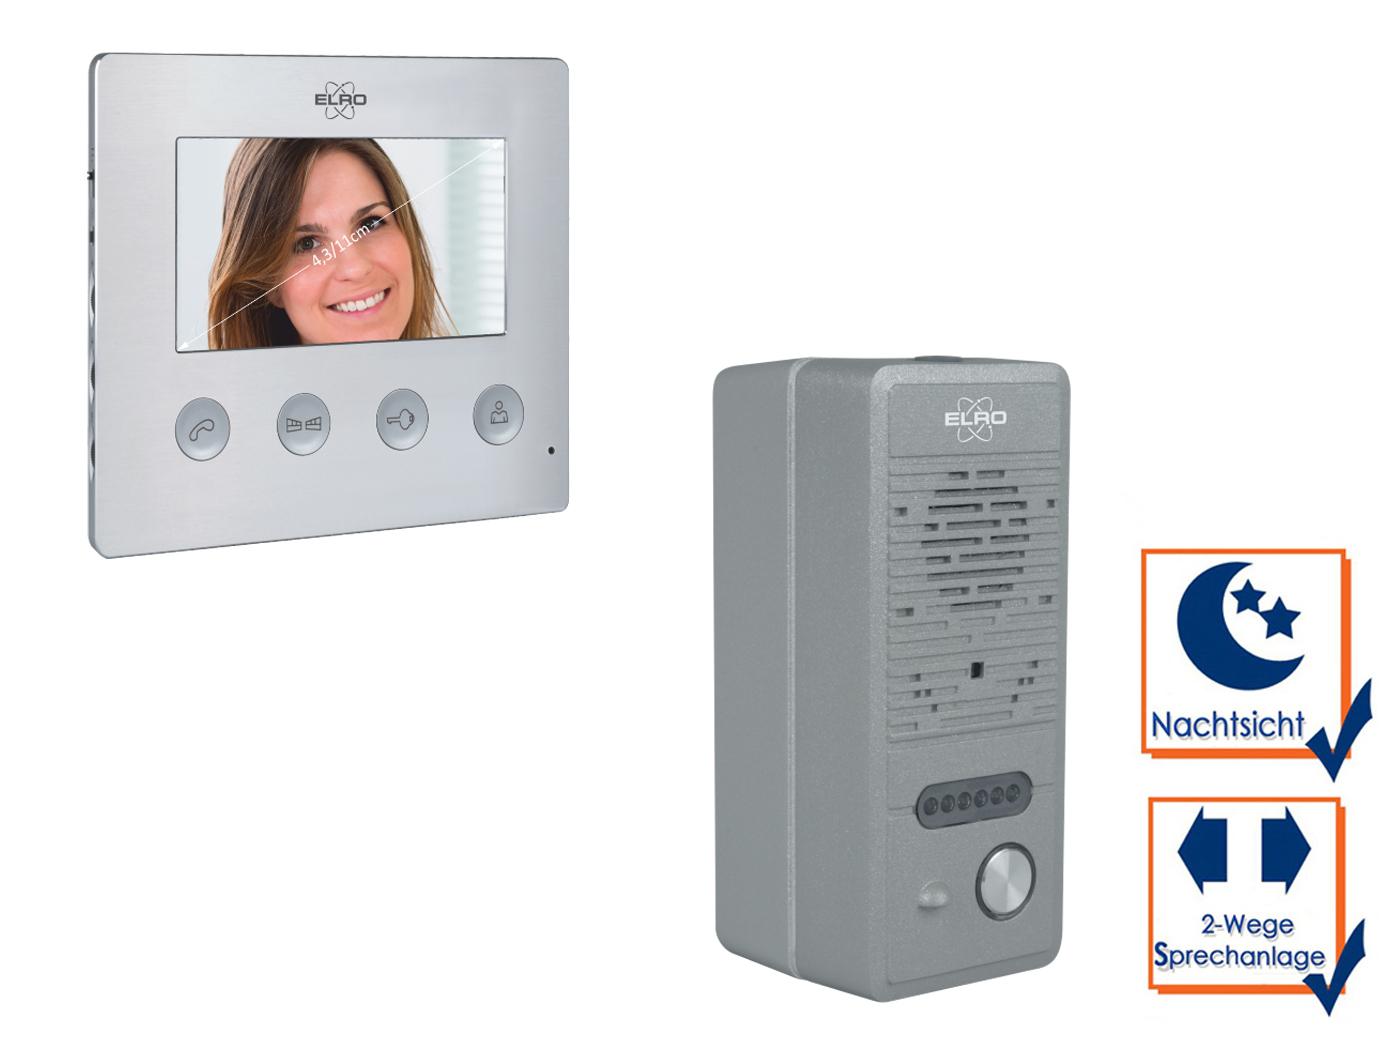 video gegensprechanlage mit monitor und lochkamera, freisprechanlage